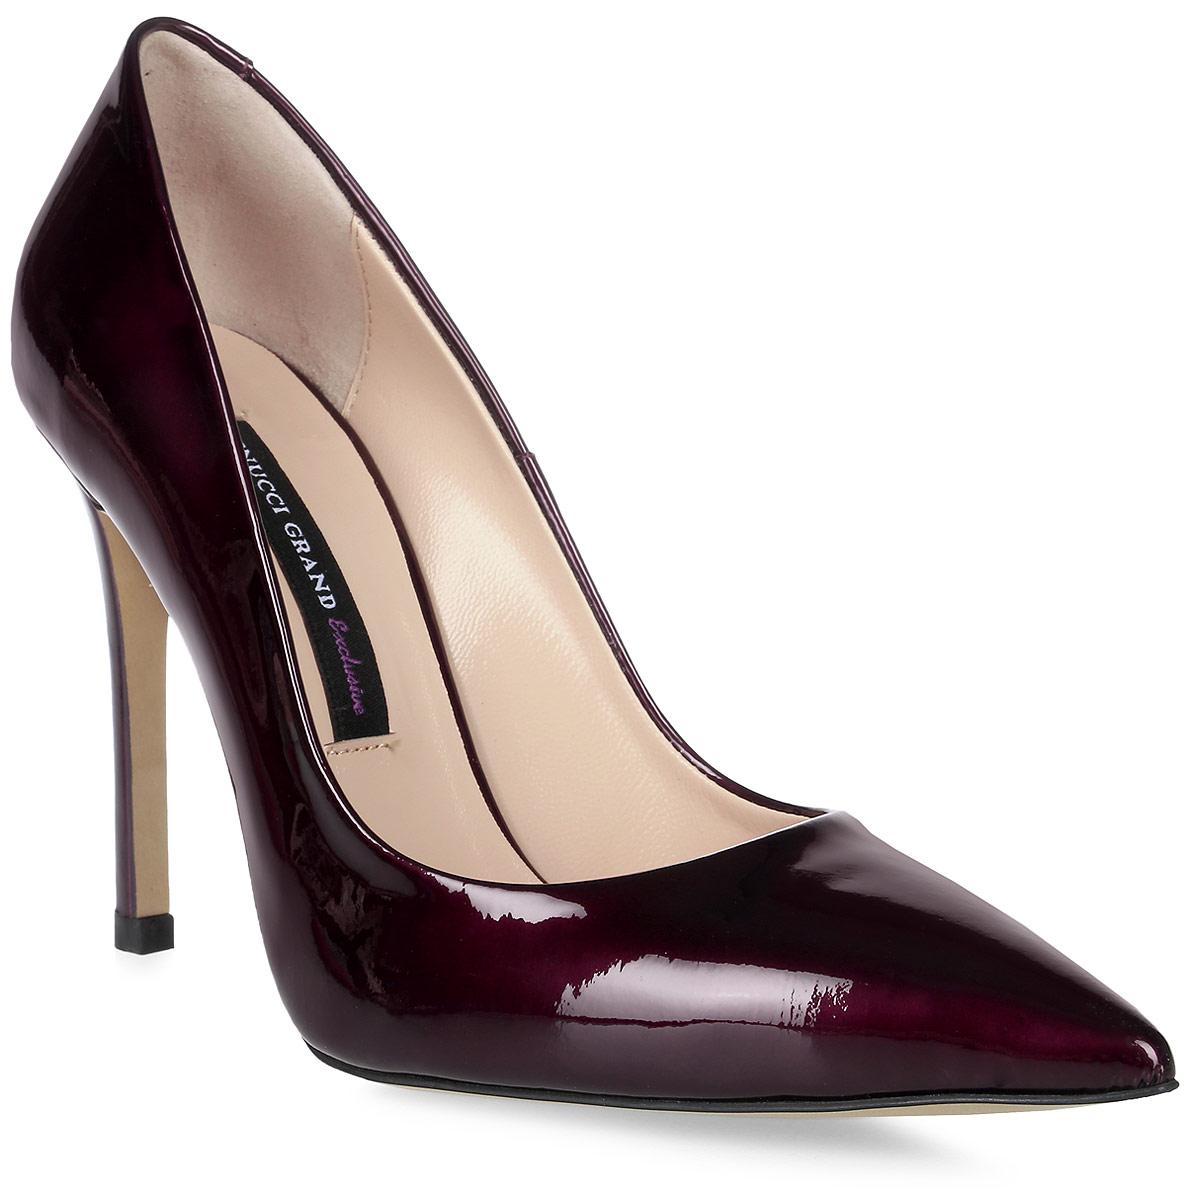 Туфли женские Benucci, цвет: бордовый. 6001. Размер 406001Женские туфли от Benucci выполнены из натуральной кожи. Подкладка, изготовленная из натуральной кожи, обладает хорошей влаговпитываемостью и естественной воздухопроницаемостью. Стелька из натуральной кожи гарантирует комфорт и удобство стопам. Подошва из резины обеспечивает хорошую амортизацию и сцепление с любой поверхностью.